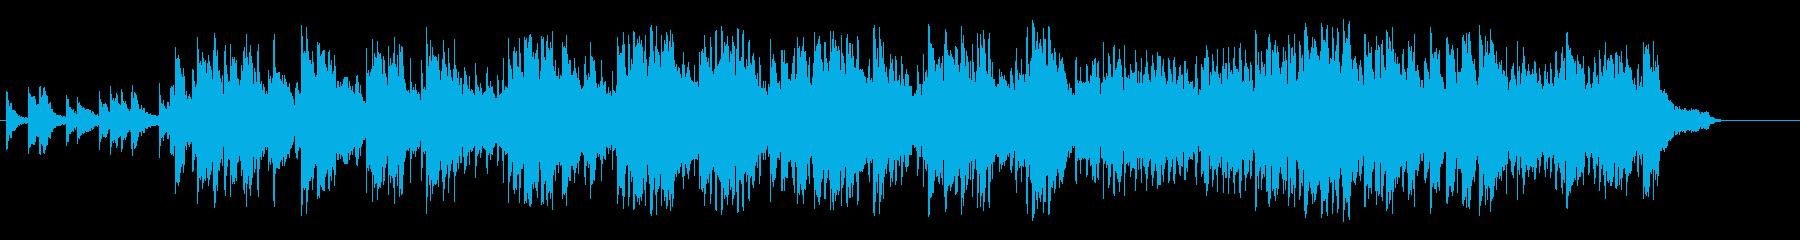 神秘的な環境音楽の再生済みの波形